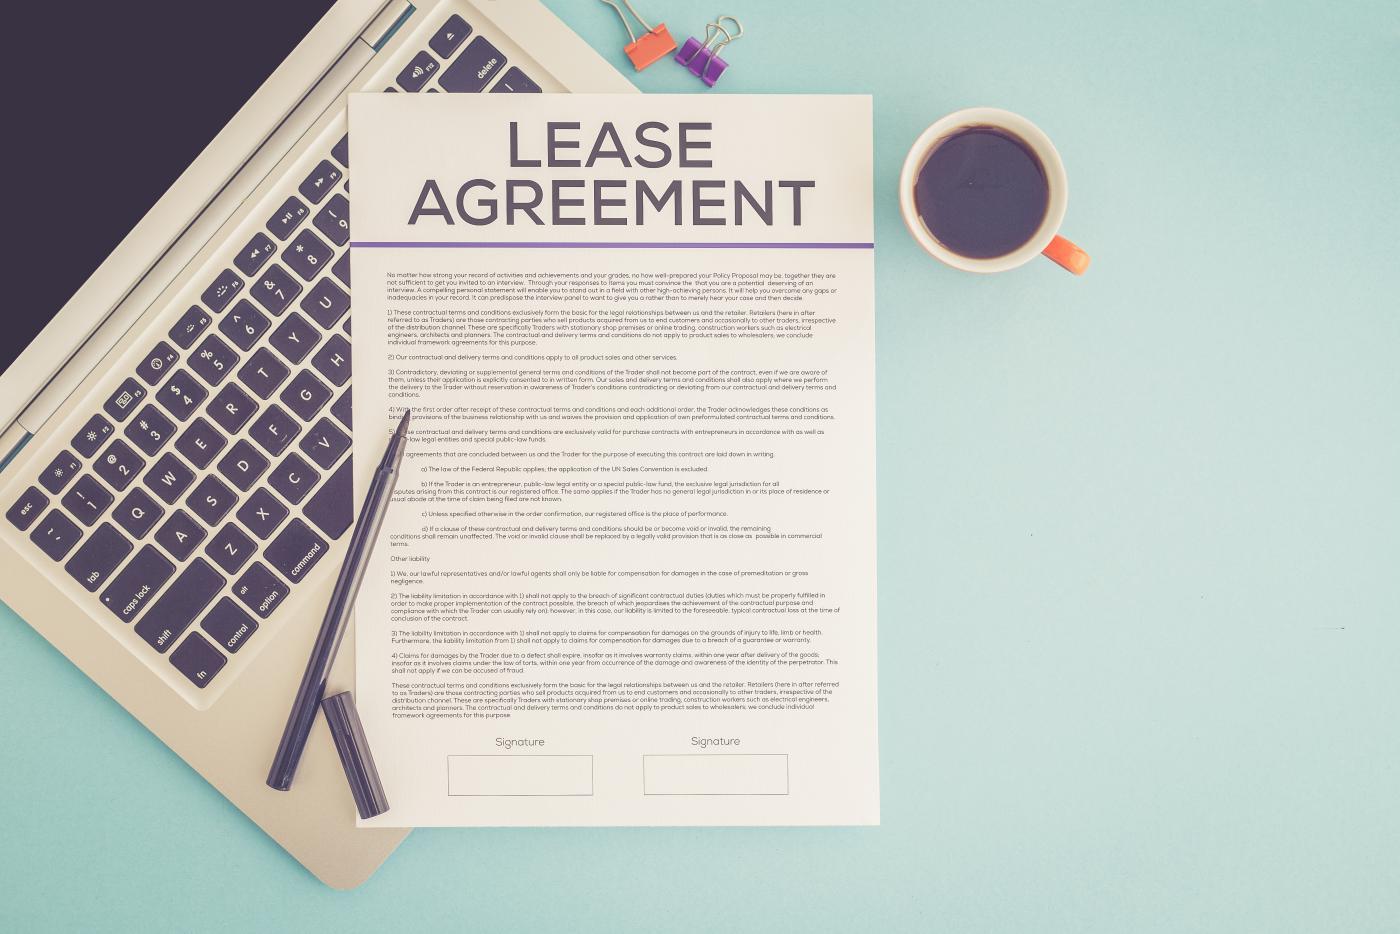 Zawarcie umowy leasingowej - jakich dokumentów potrzebujemy?